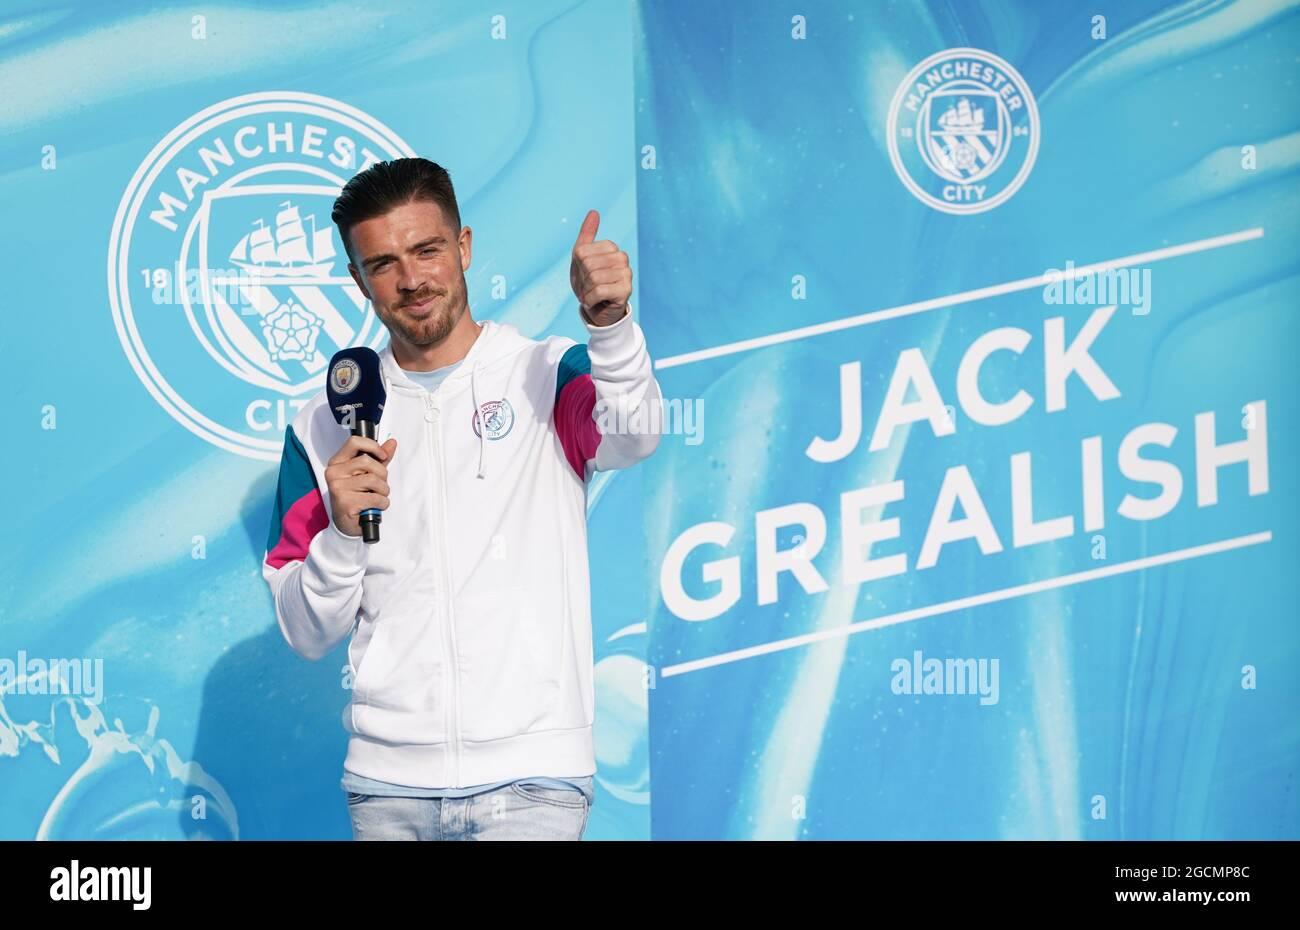 Der neue Gesang von Manchester City, Jack Grealish, spricht nach der Pressekonferenz im Etihad Stadium, Manchester, mit den Fans draußen. Bilddatum: Montag, 9. August 2021. Stockfoto